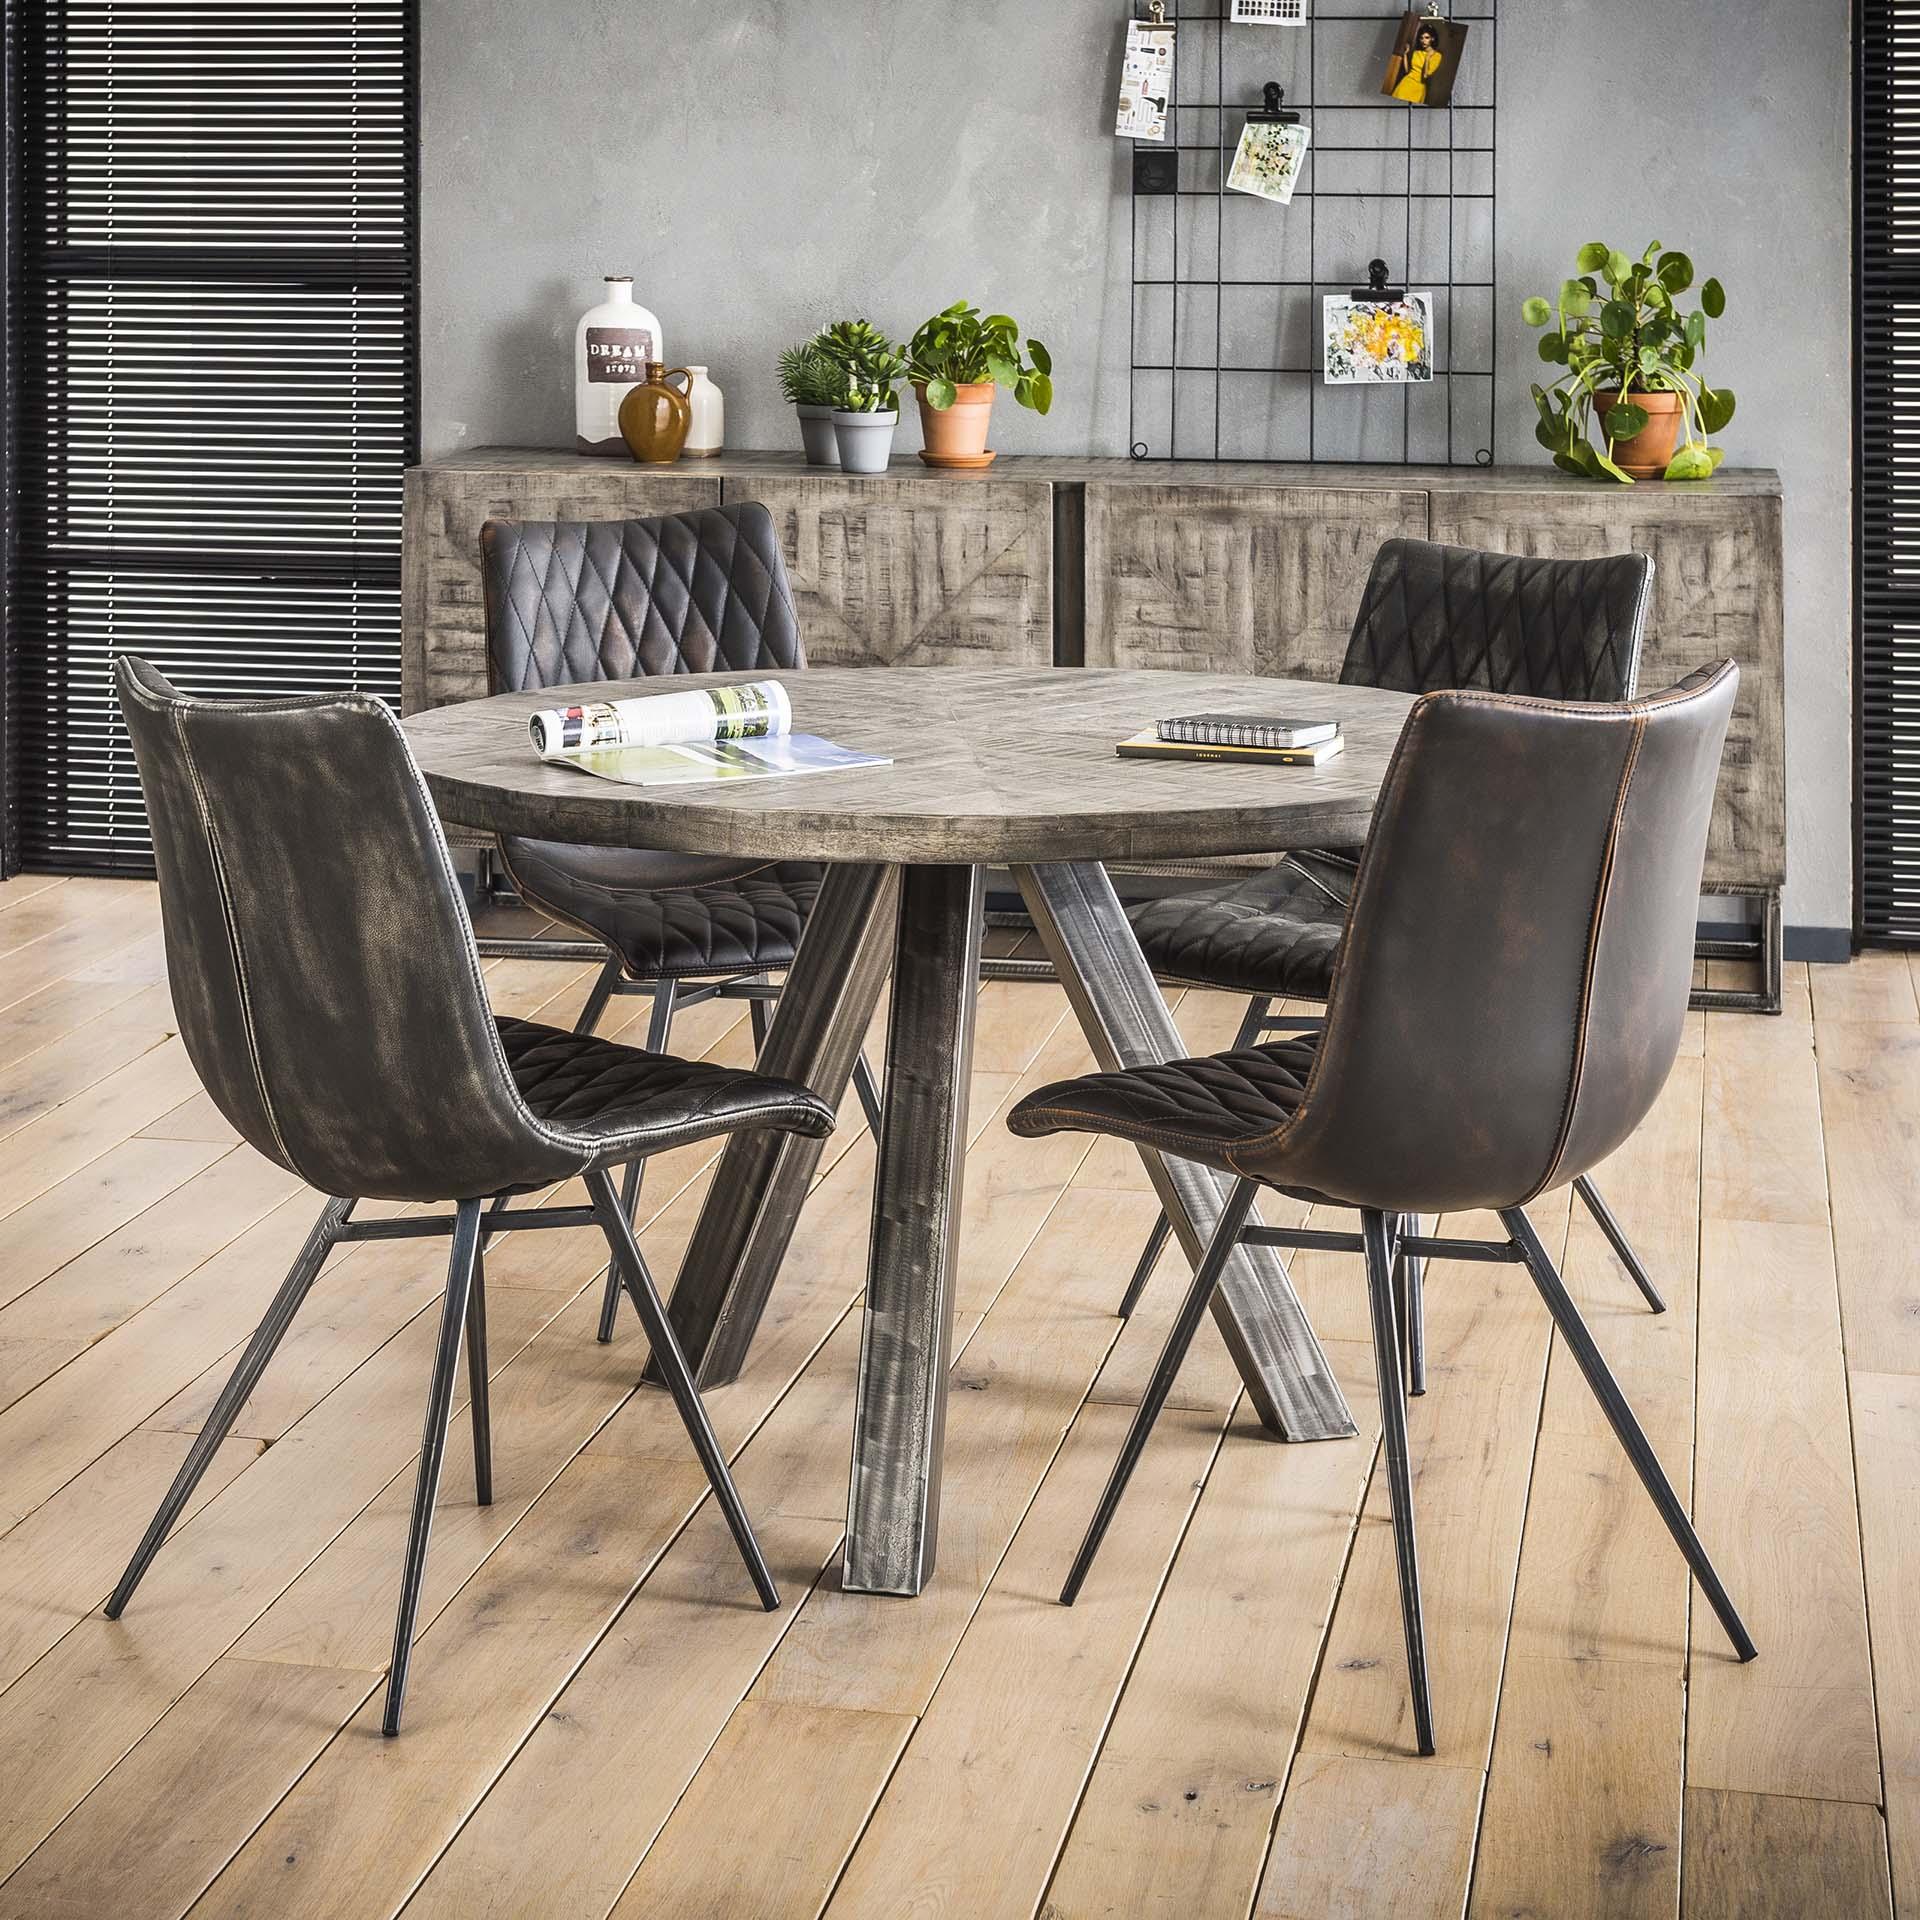 Table À Manger Industrielle table ronde industrielle grise 120 cm lucknow